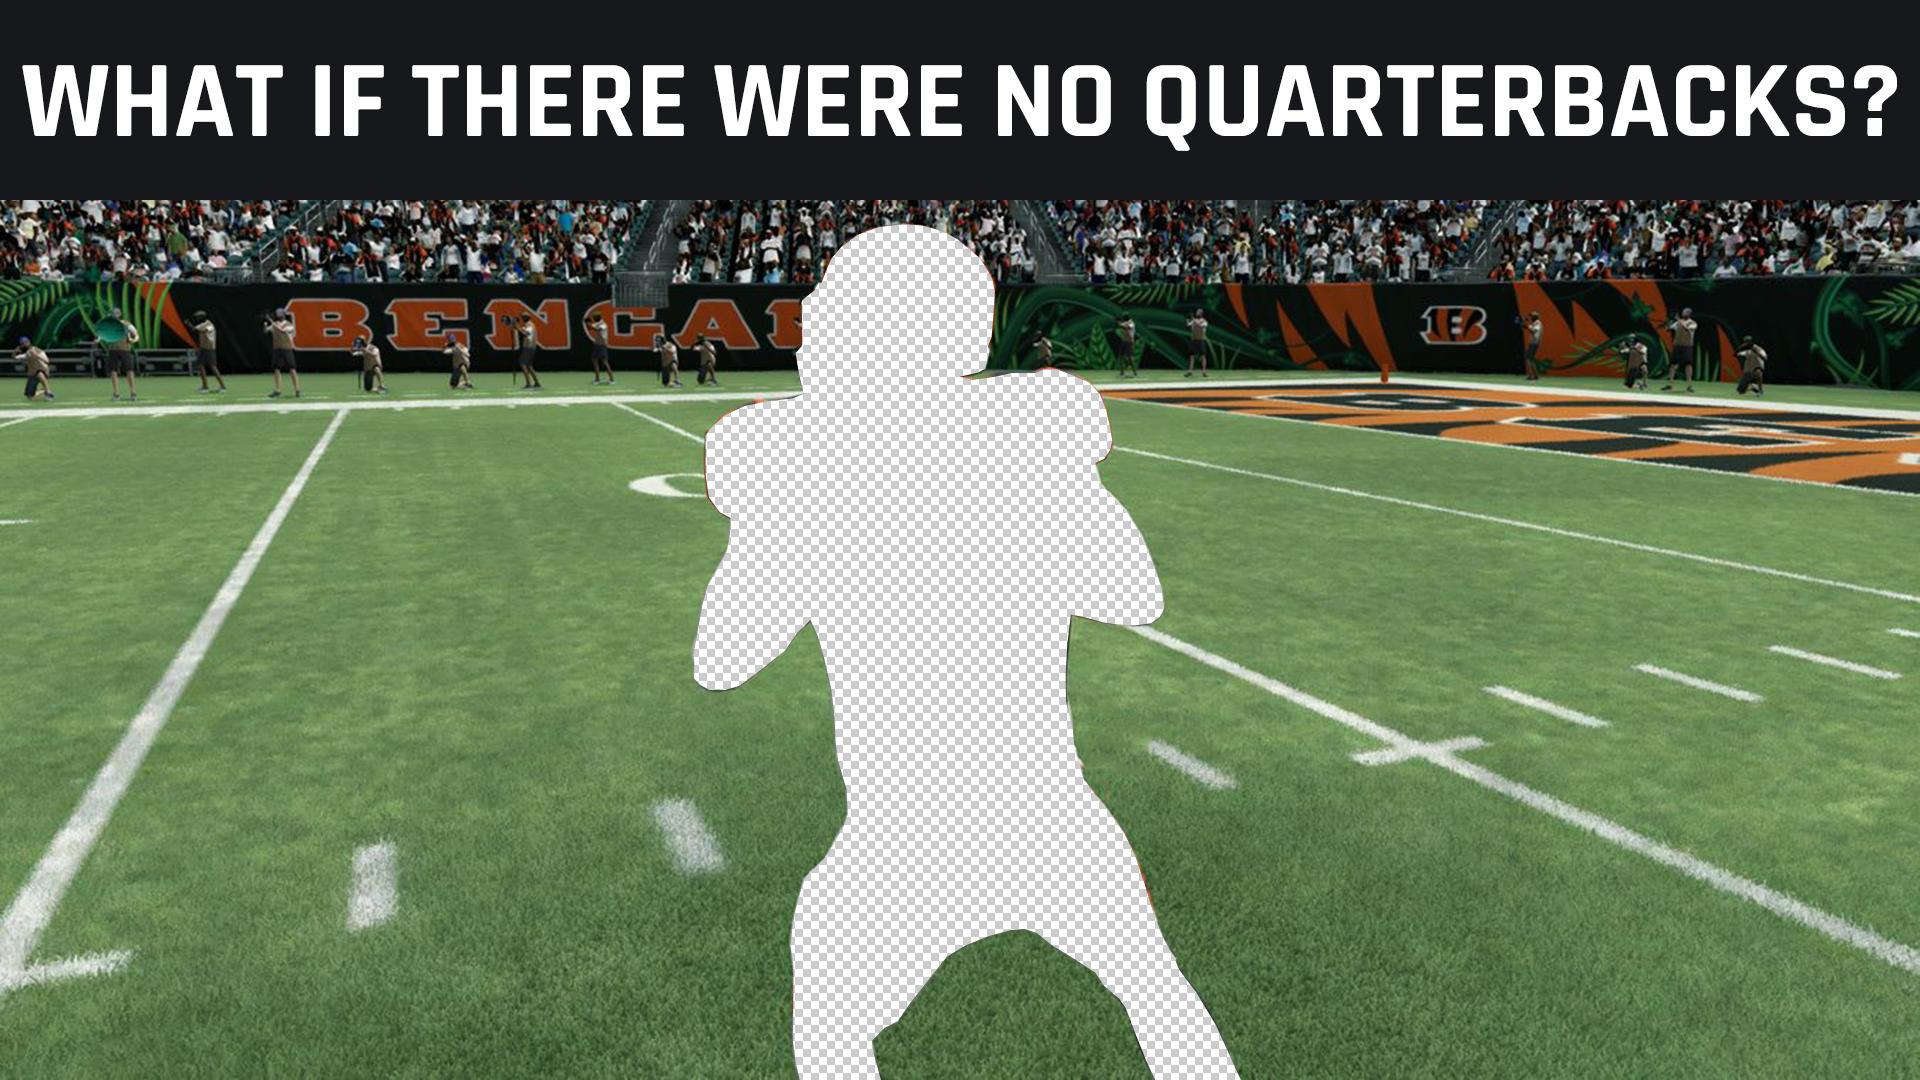 No-quarterbacks-nfl-ftr_zsfnprlweavg16hlwgo7cdet3